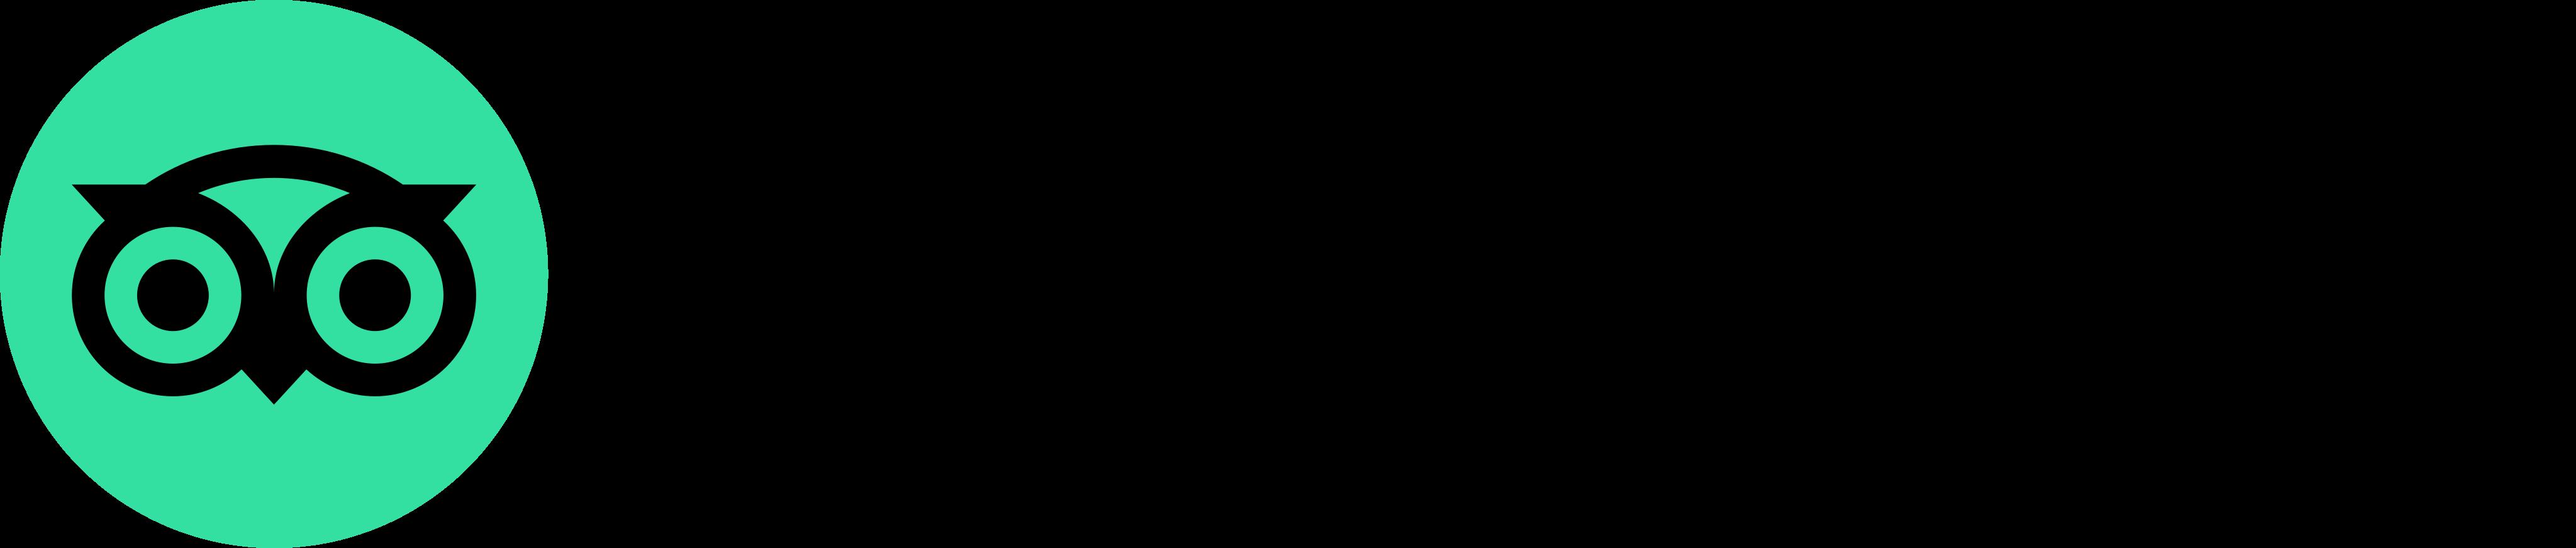 tripadvisor logo 1 - TripAdvisor Logo